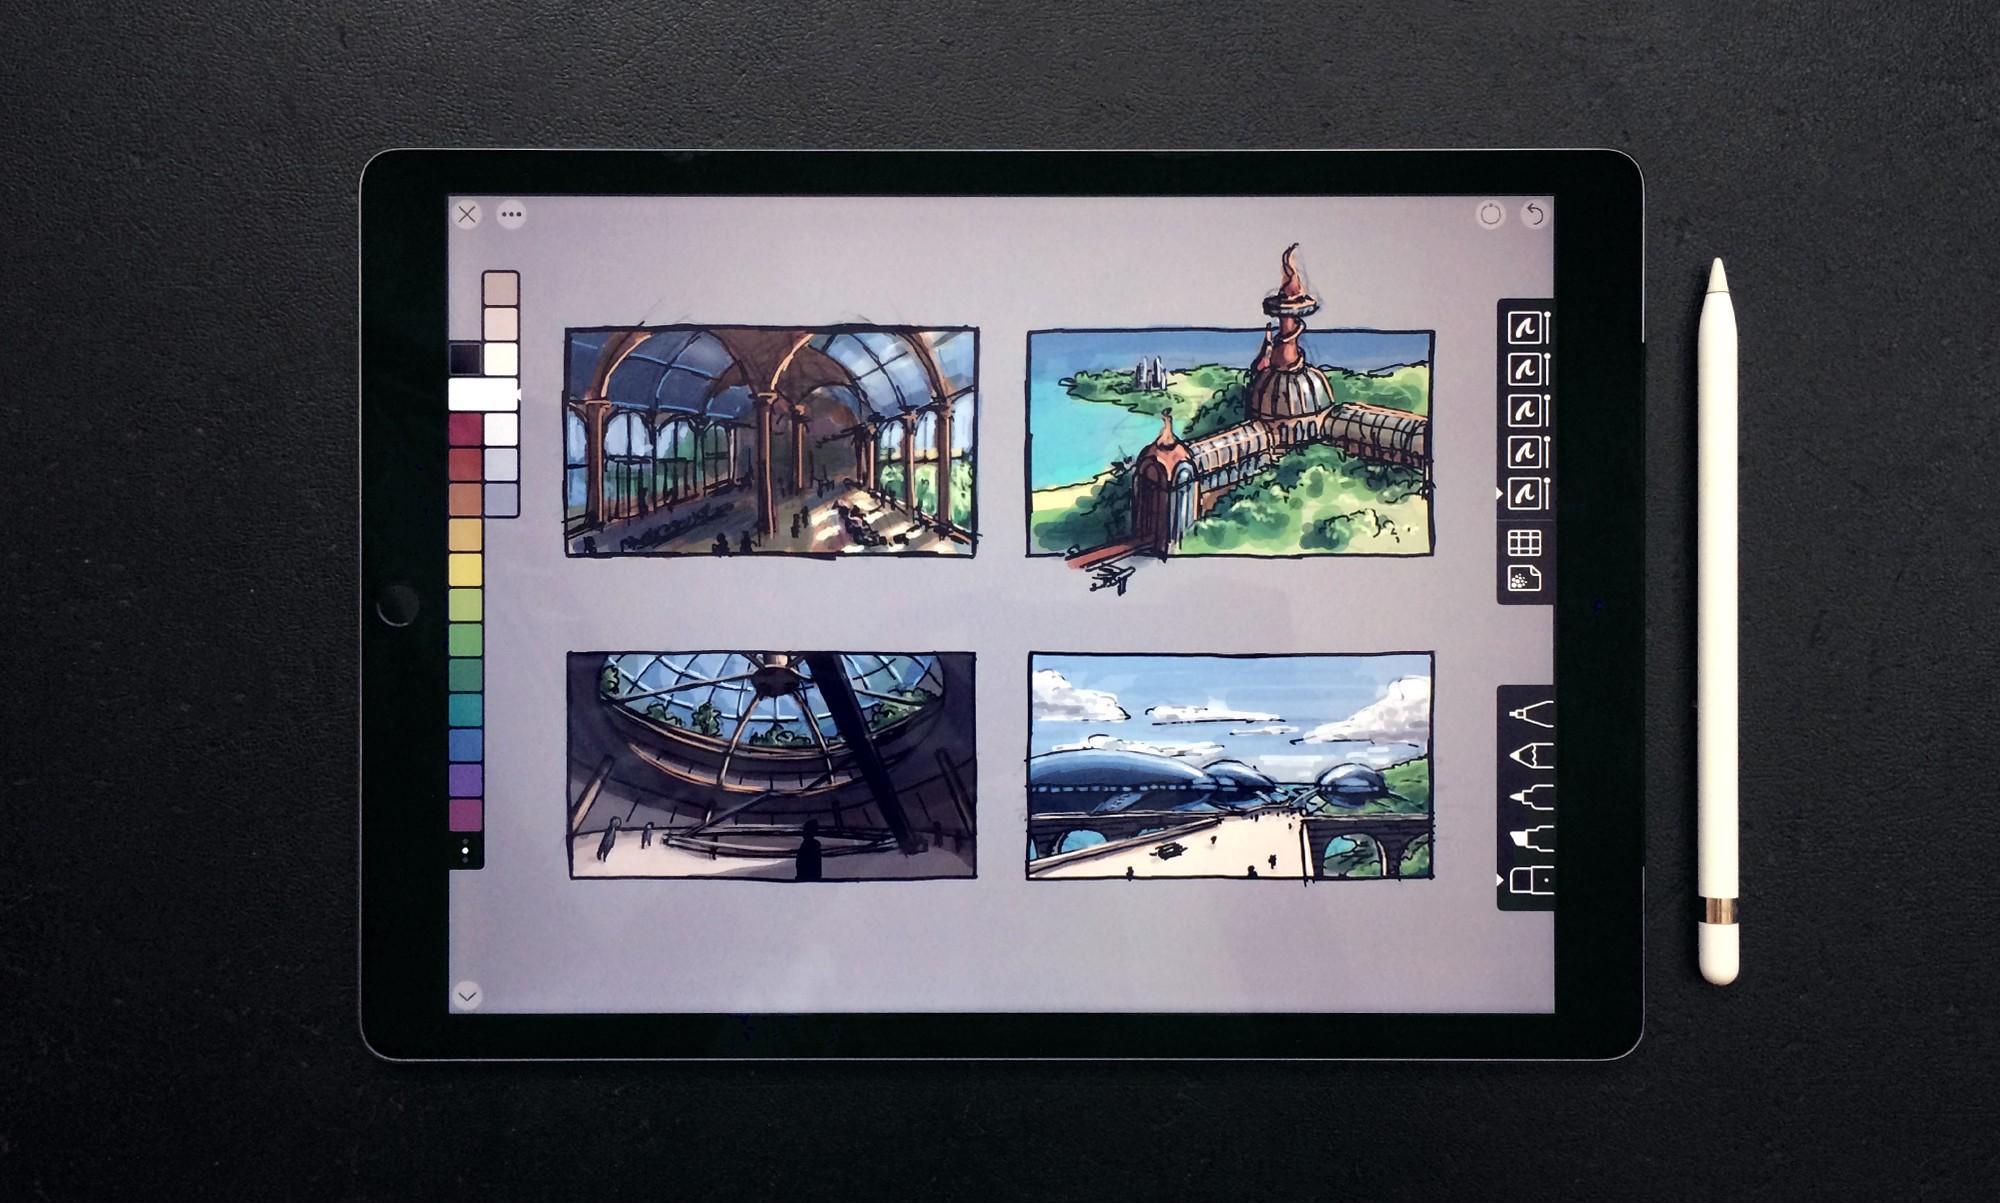 Cuộc sống của dân sáng tạo khác gì khi có iPad Pro và Apple Pencil?